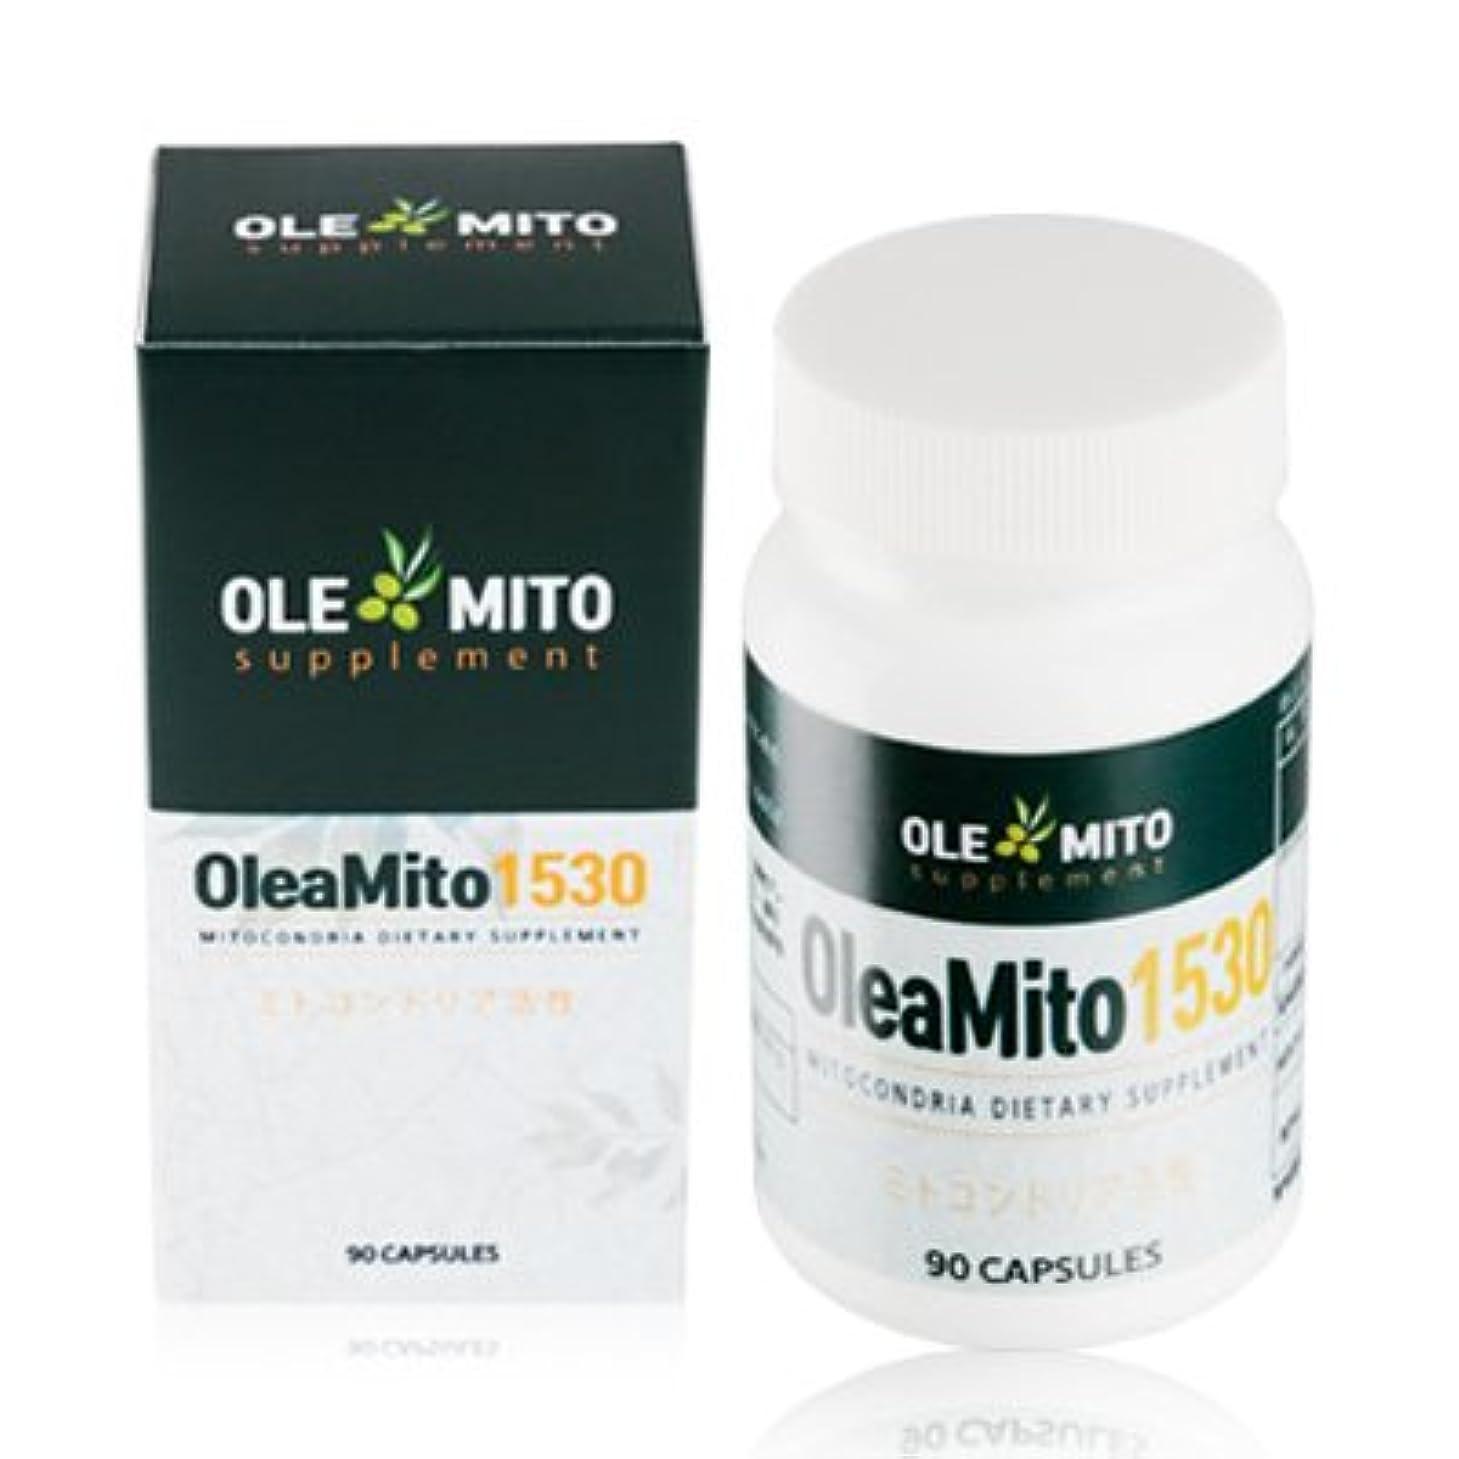 バブル電気的好きであるオレアミト1530 oleamito